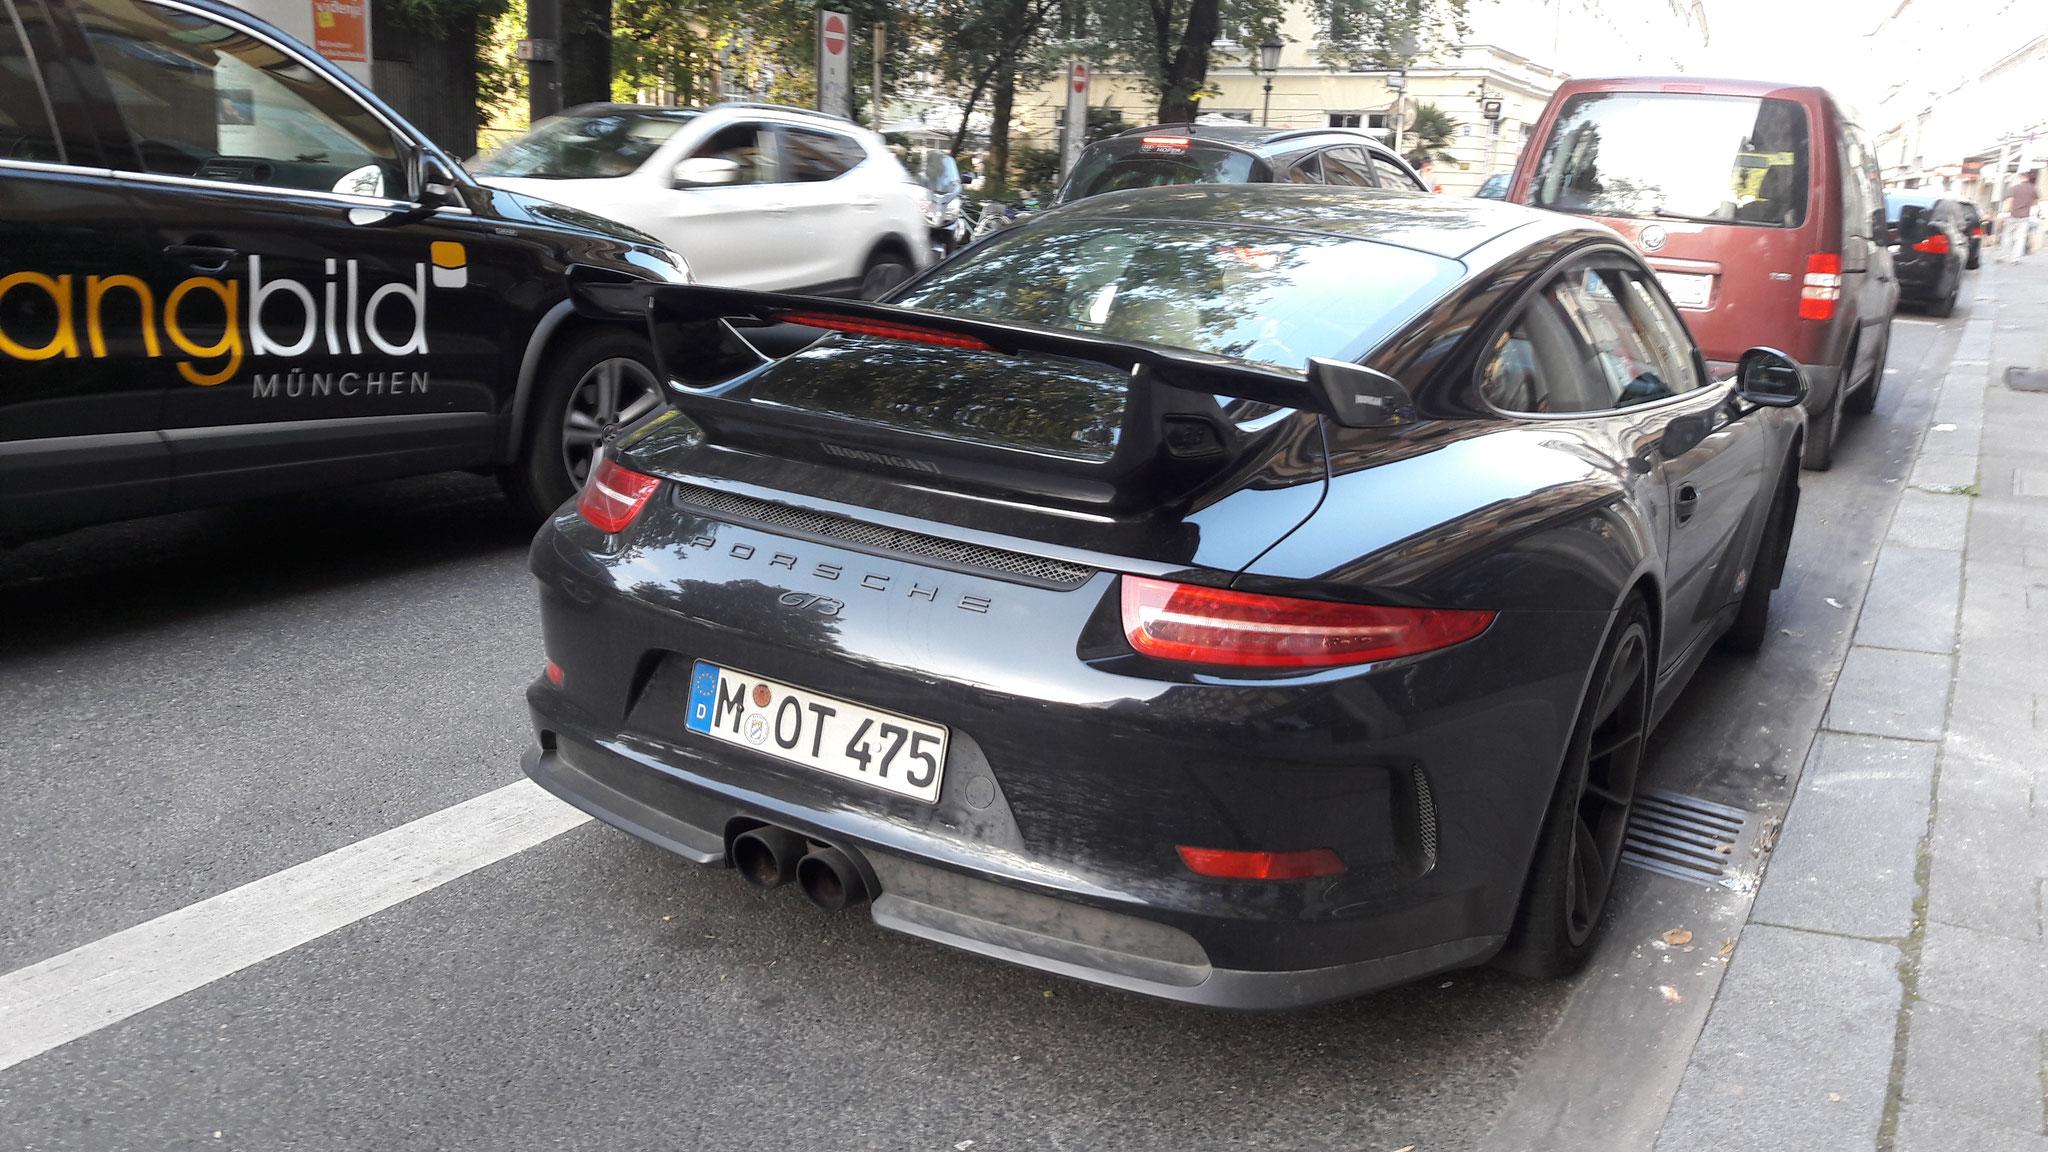 Porsche 991 GT3 - M-OT-475